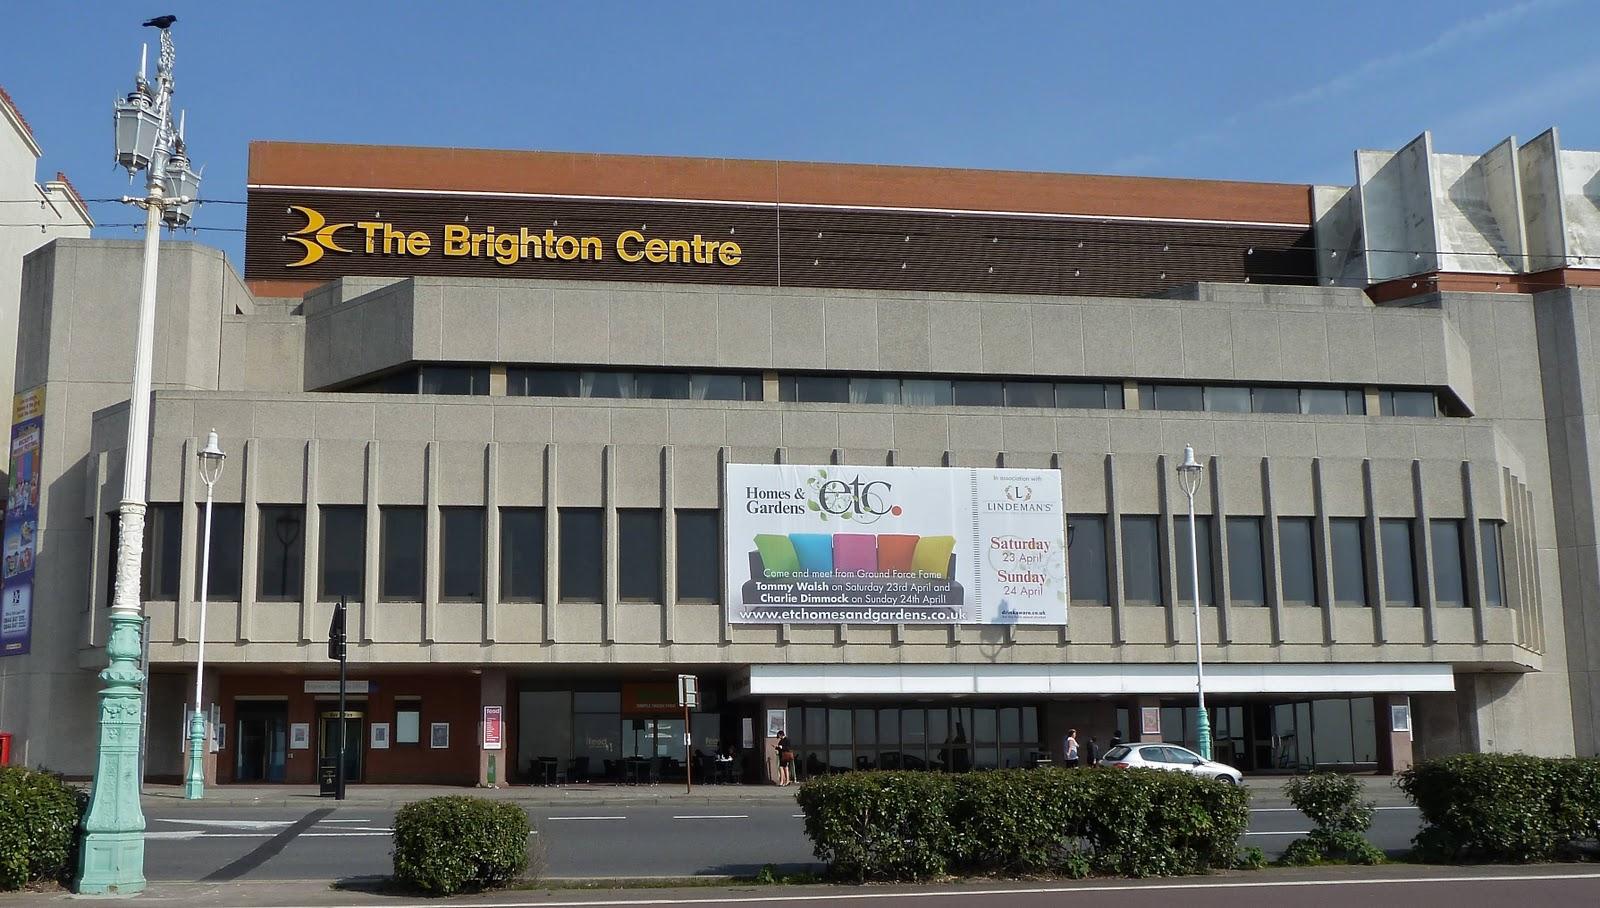 Brighton bits brighton centre revamp for The brighton